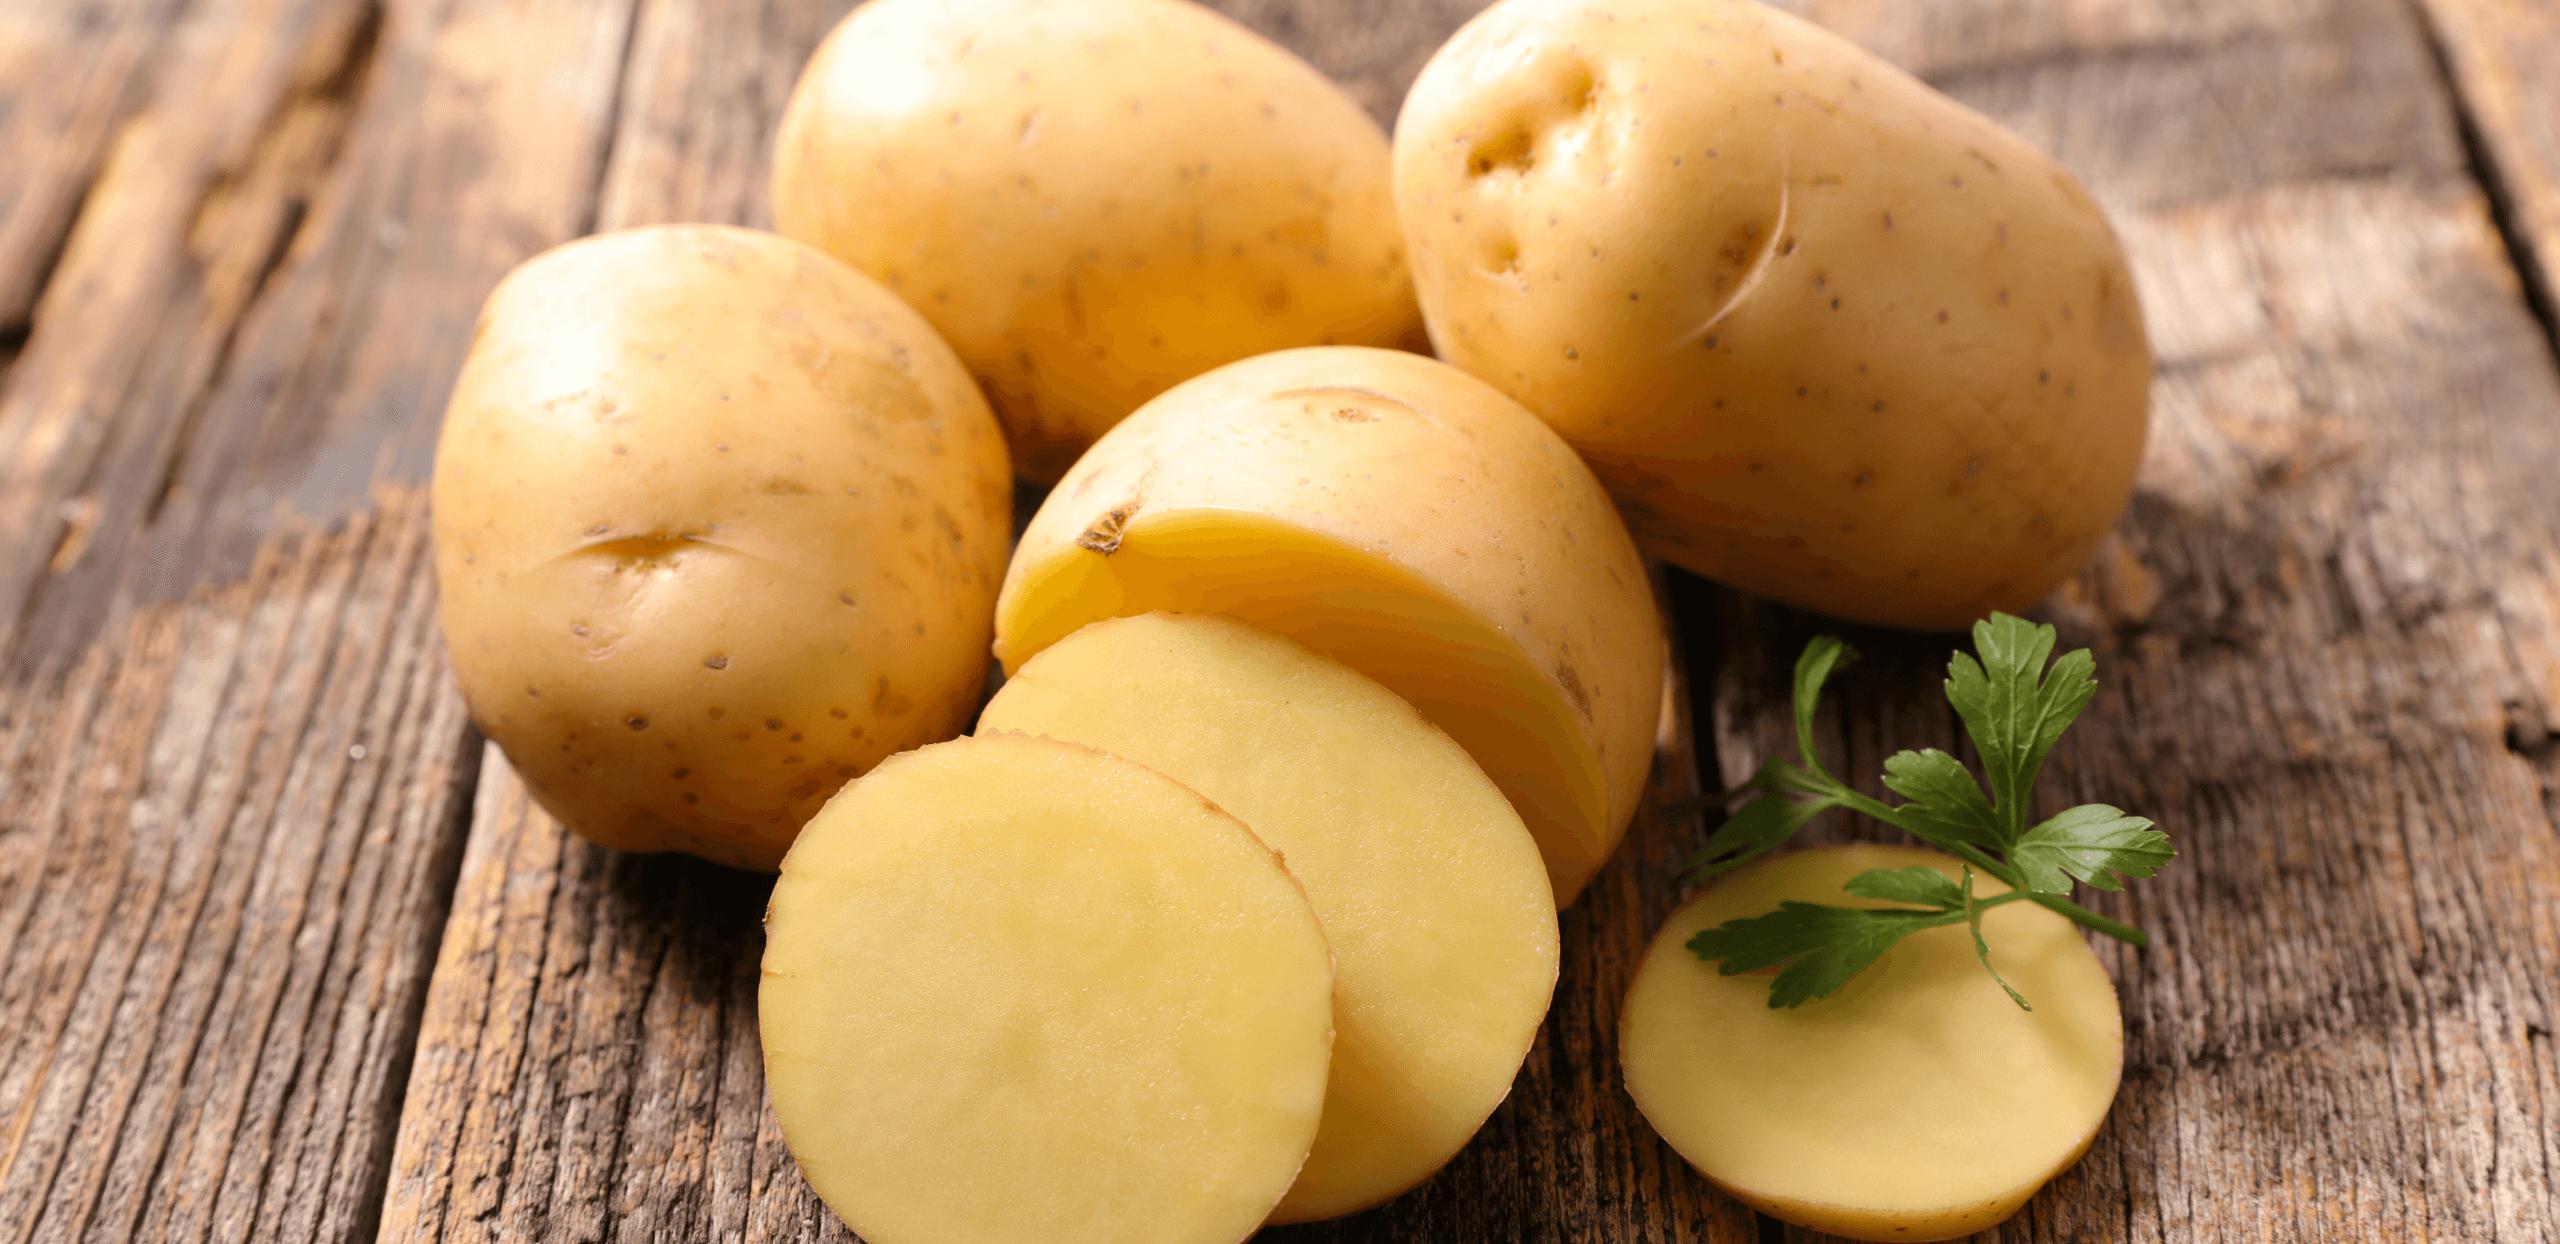 ニキビに効果的な野菜【食物繊維】